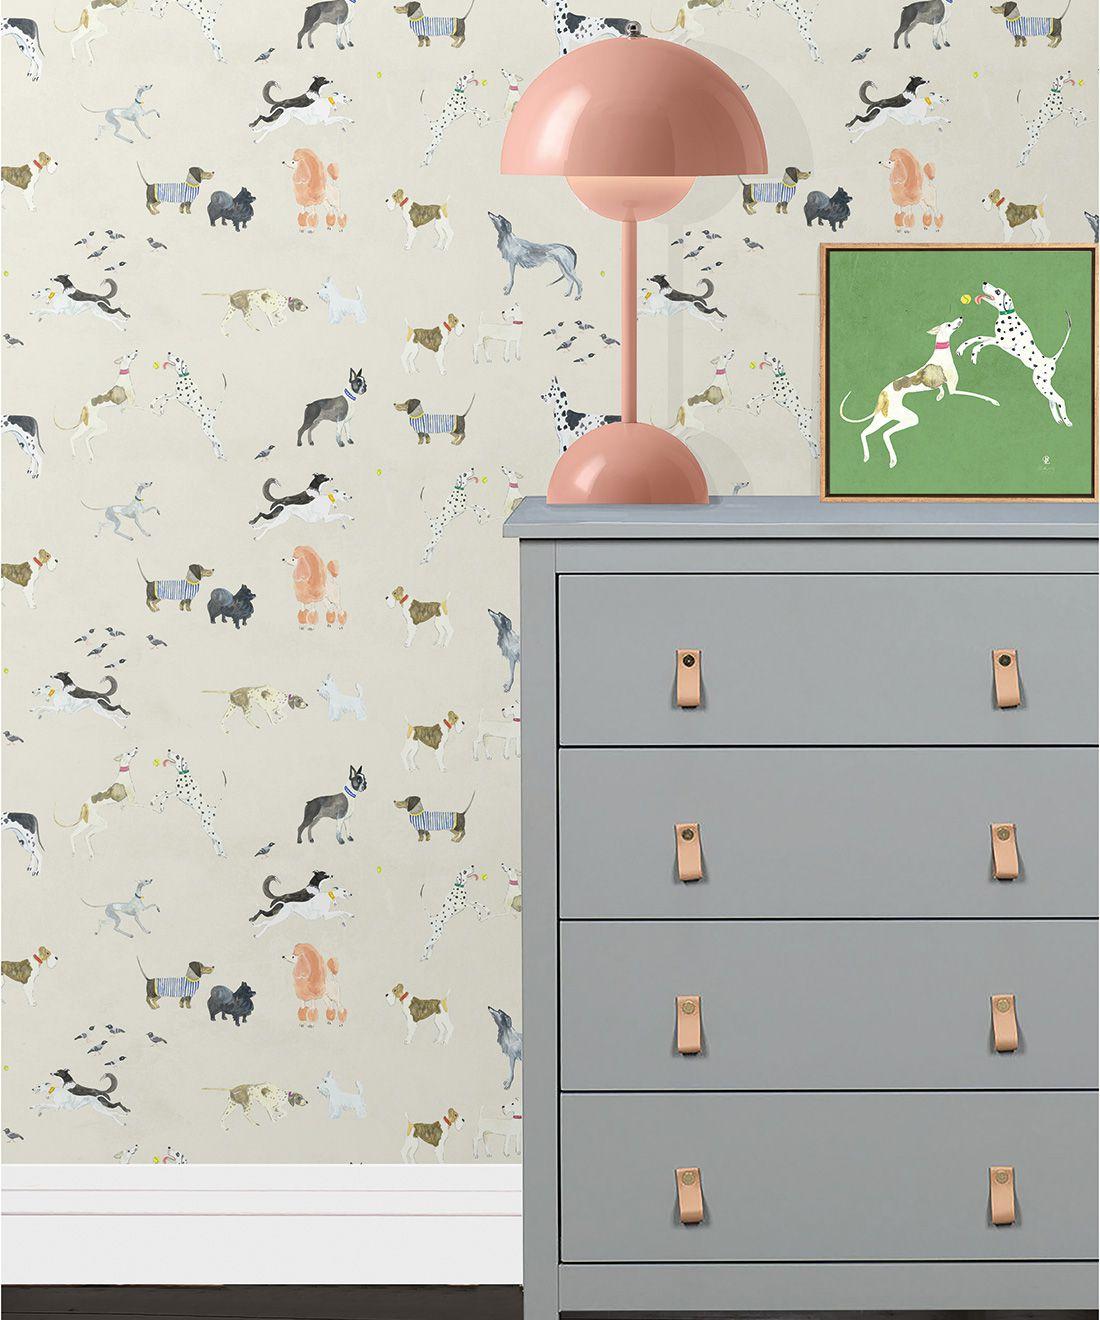 Doggies Wallpaper •Dog Wallpaper •Cream • Insitu with Lamp